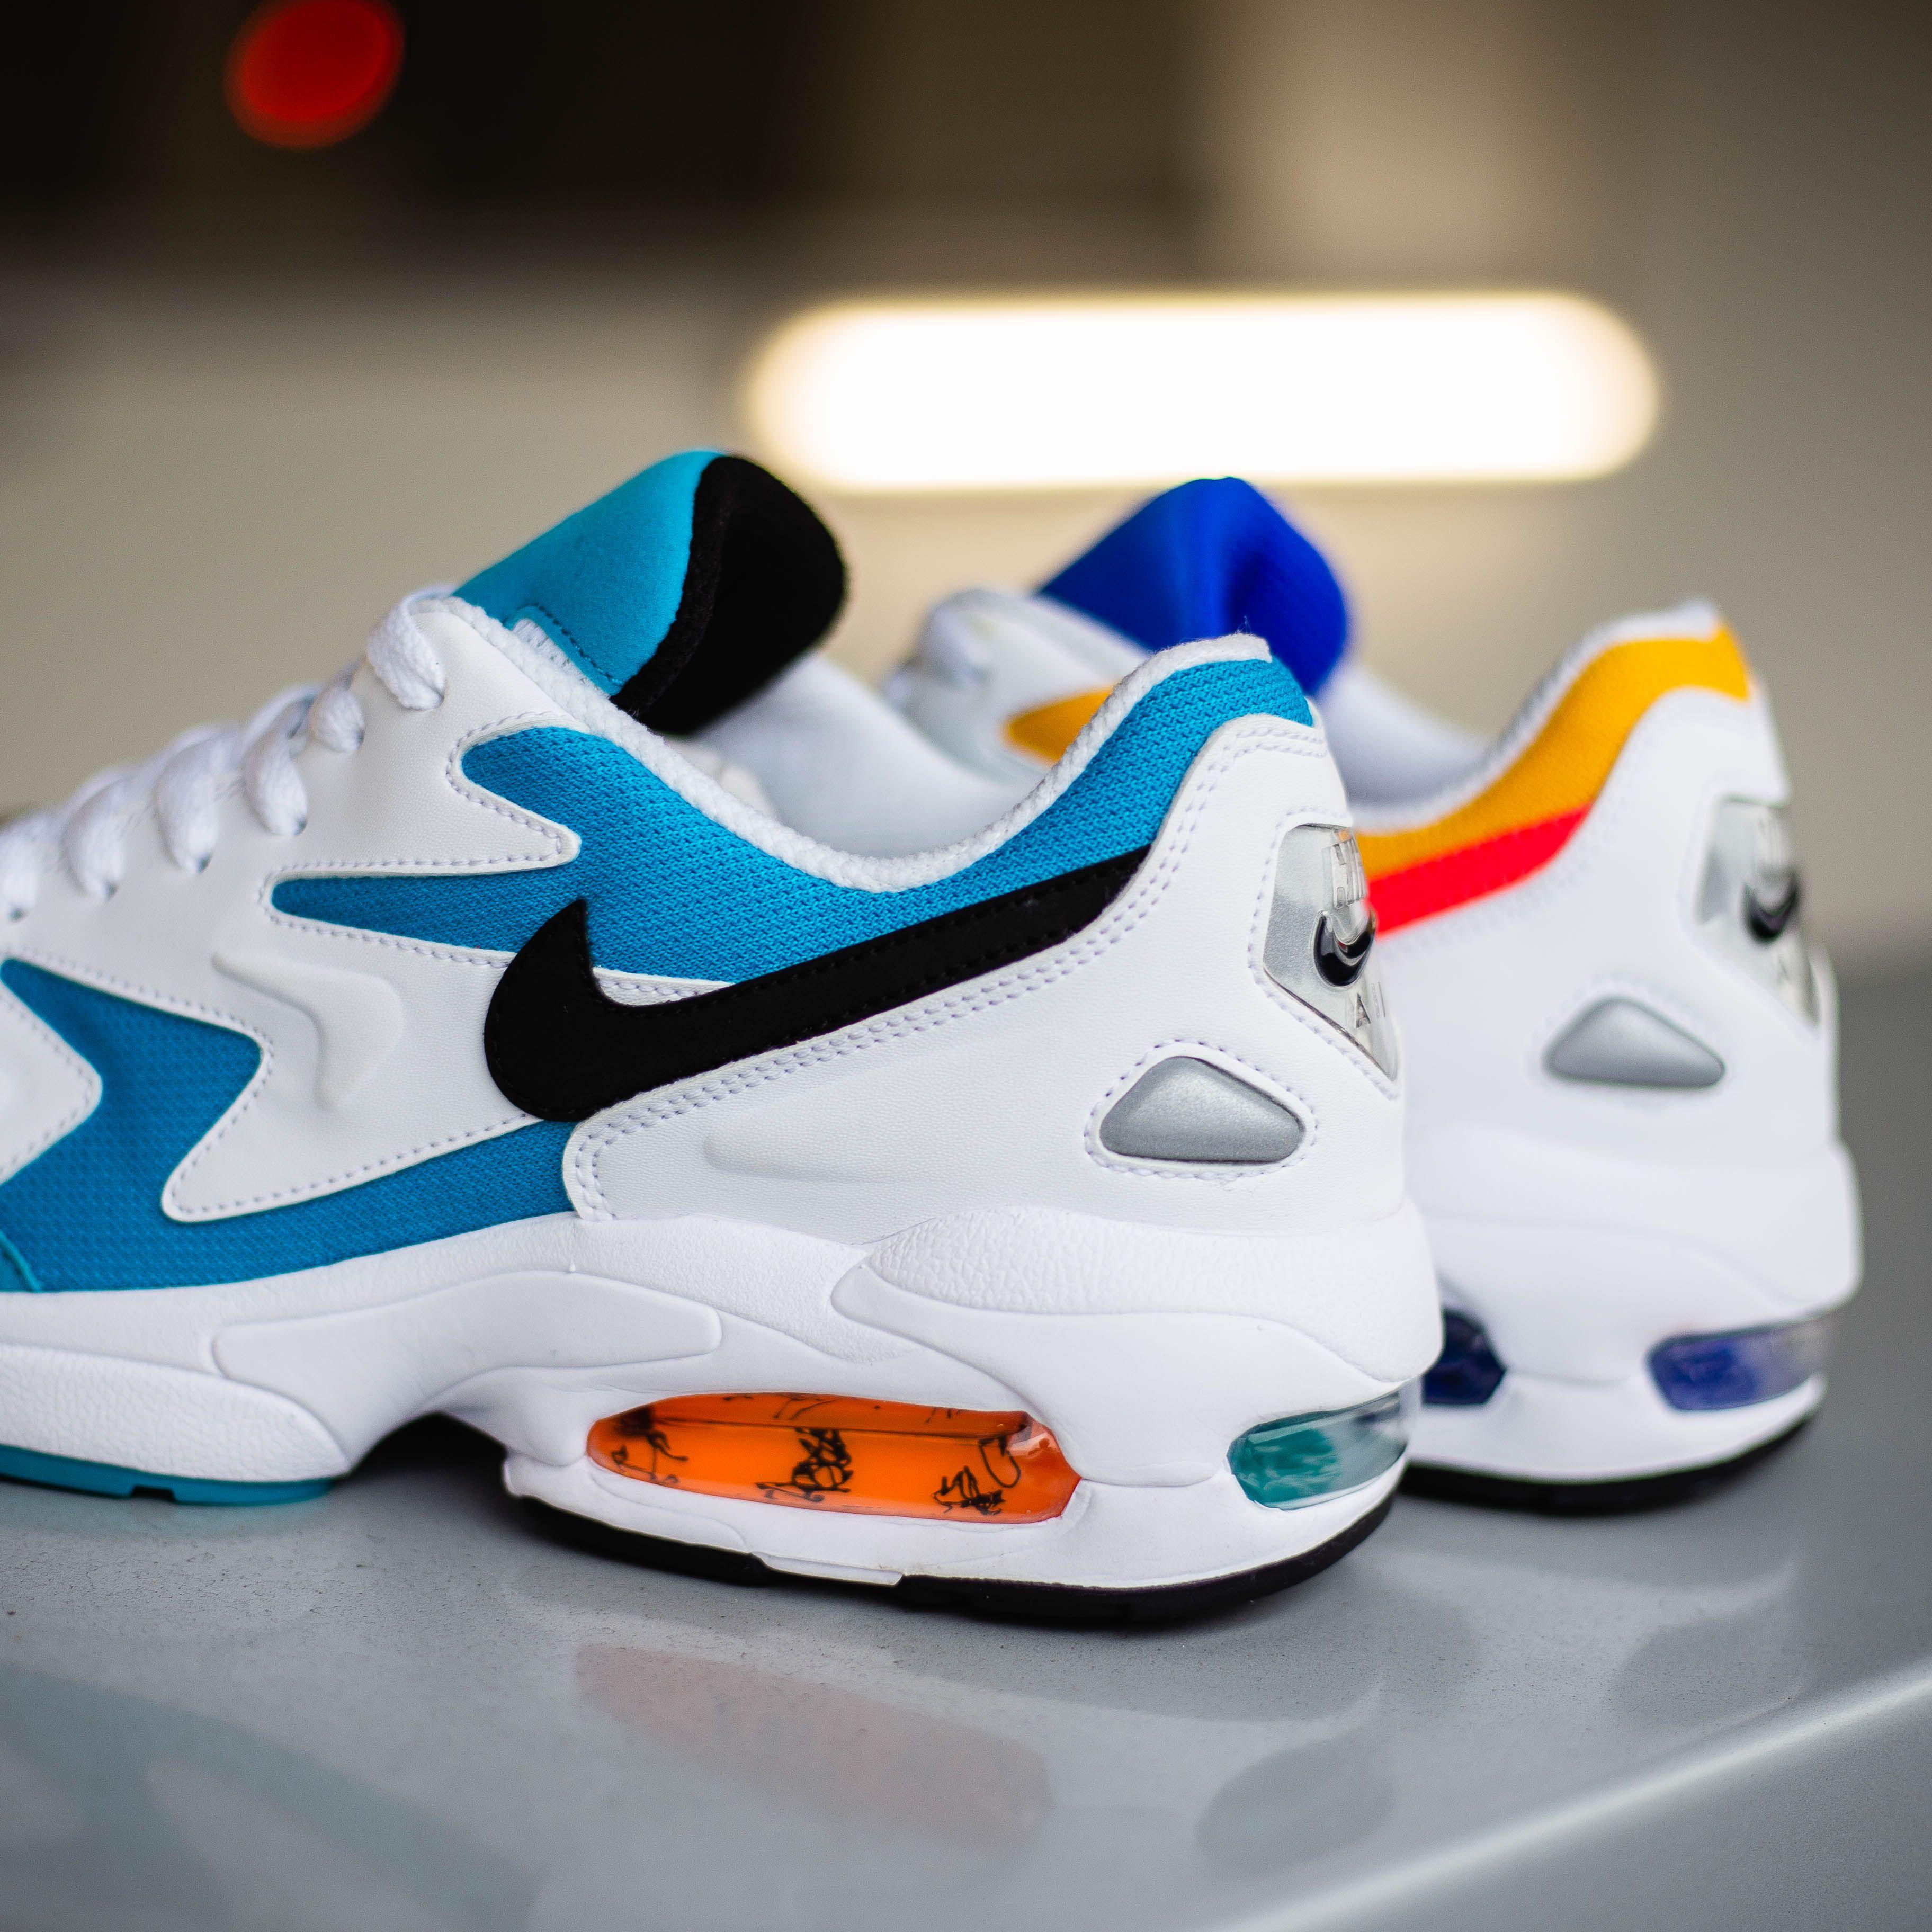 Blaue Nike Low Sneaker für Herren   Top Marken ✓ große